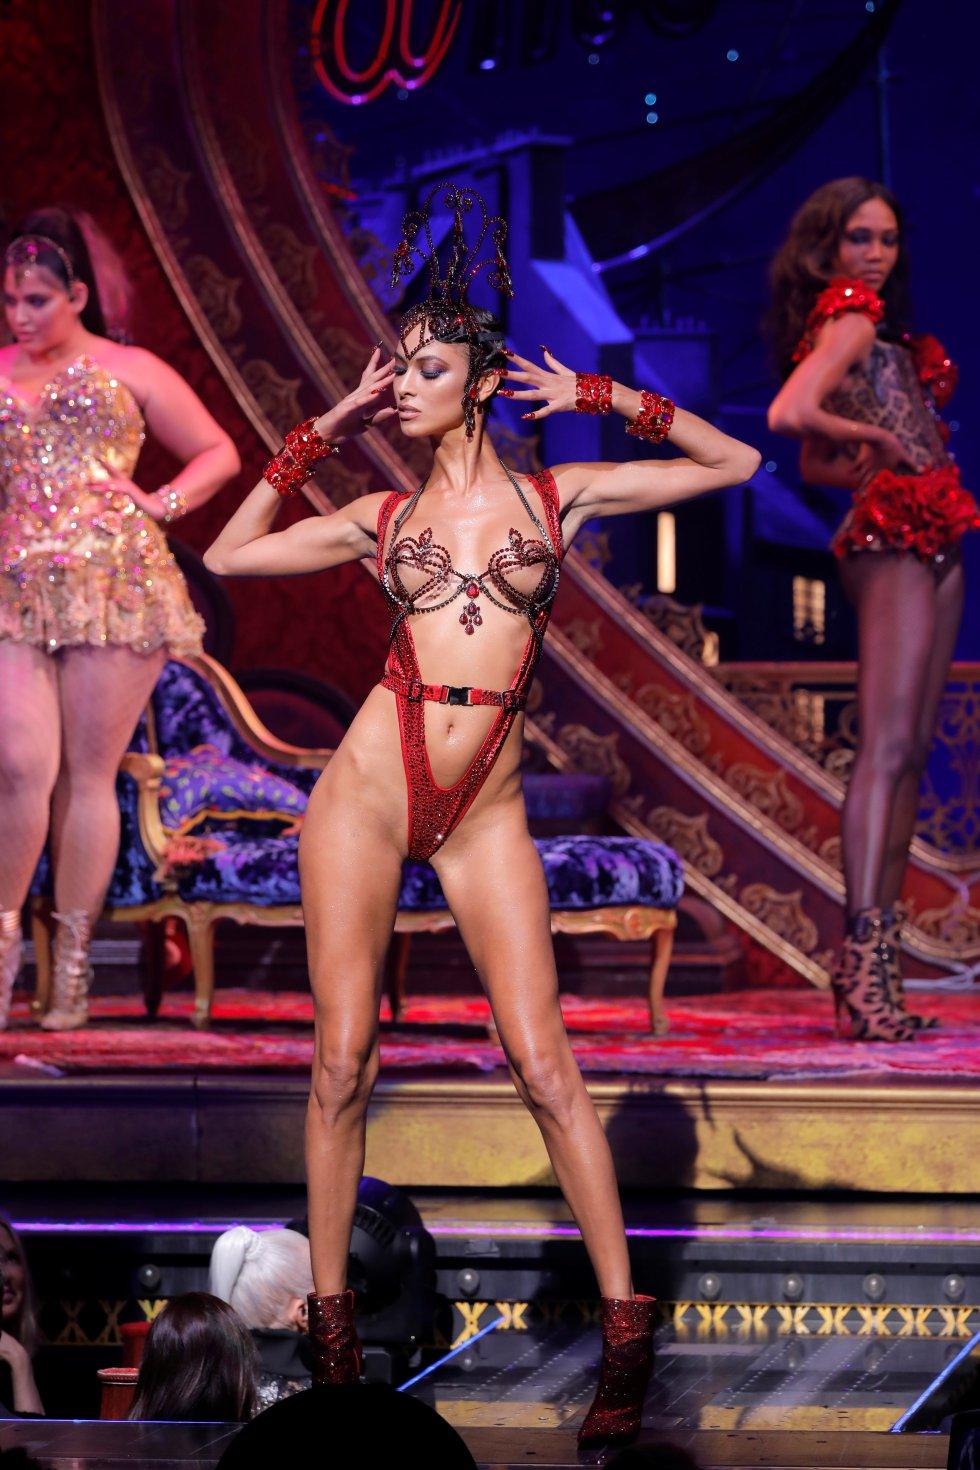 Presentación conjunta de Moulin Rouge! The Musical y pasarela de The Blonds.